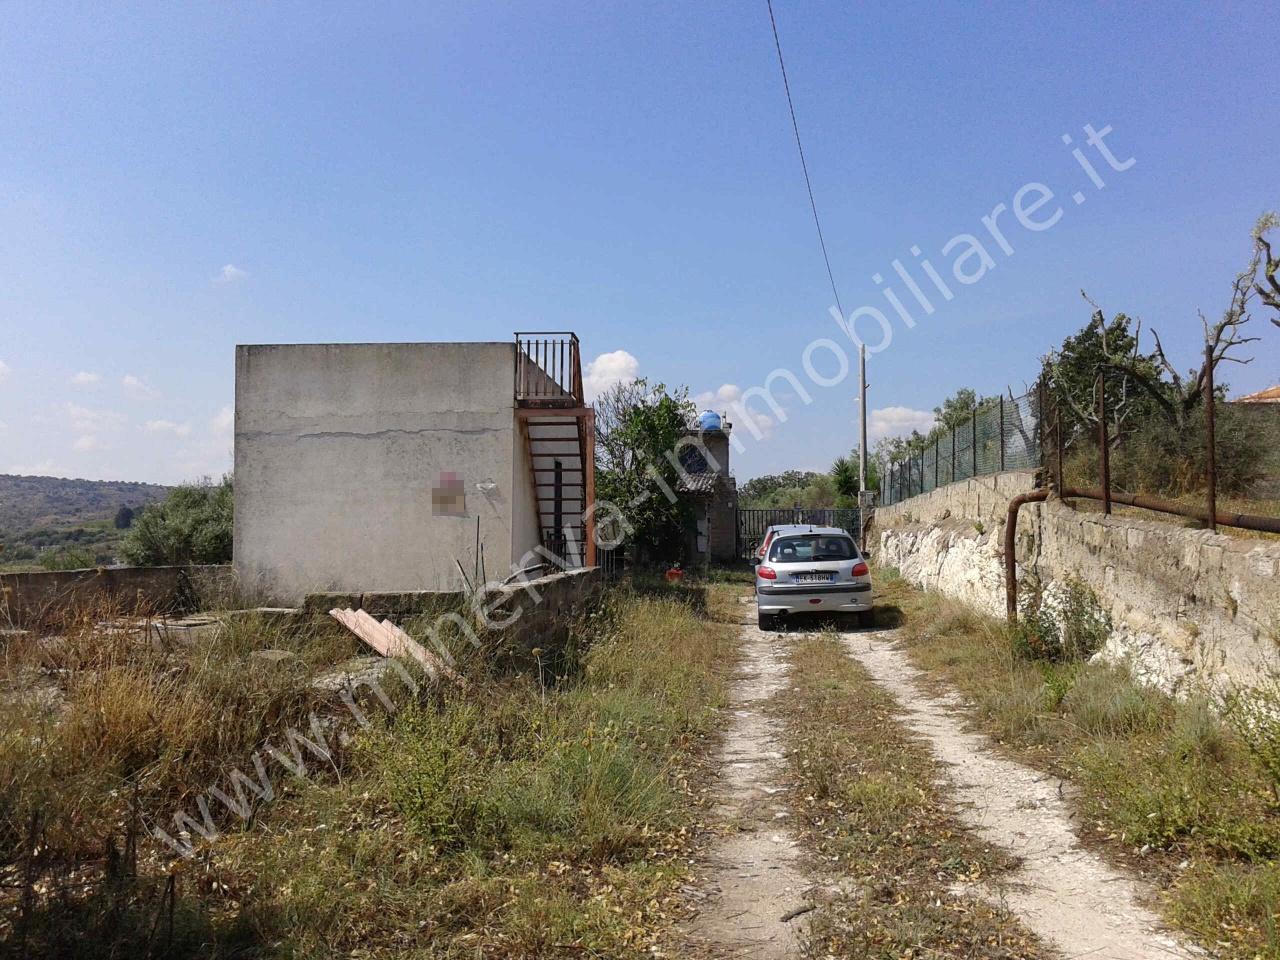 Terreno Agricolo in vendita a Carlentini, 9999 locali, prezzo € 25.000 | CambioCasa.it